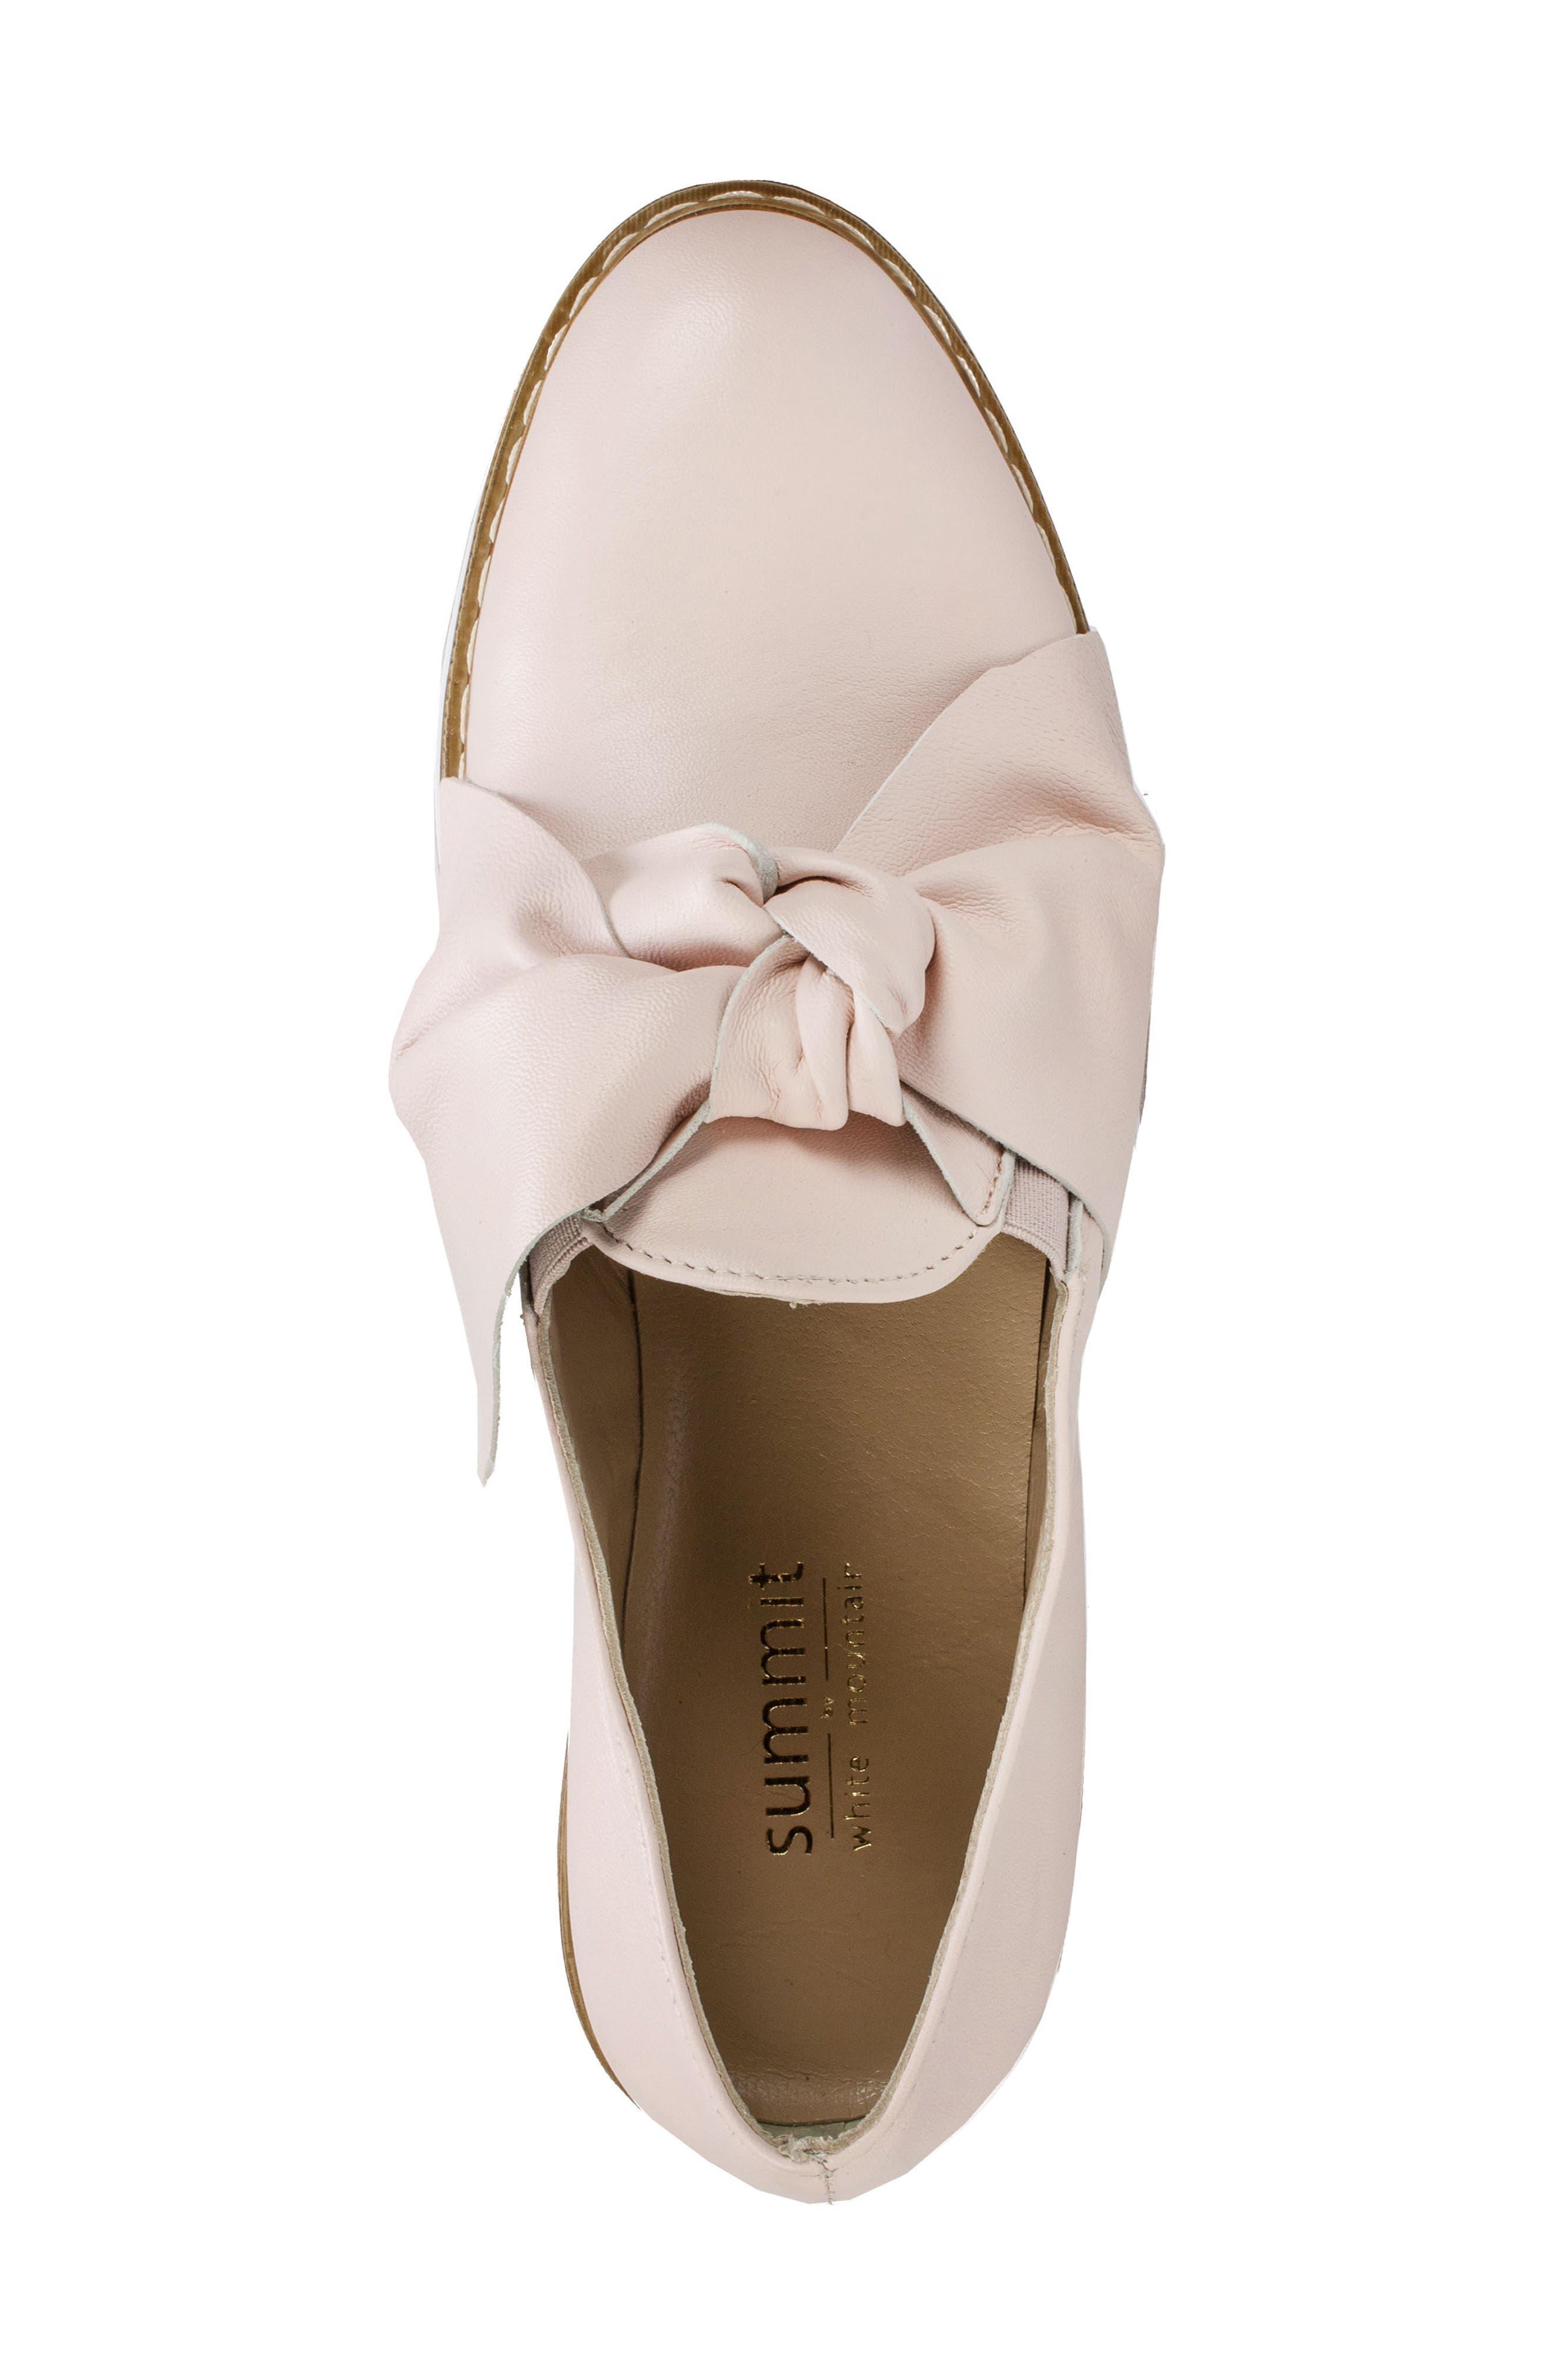 Bella Platform Loafer,                             Alternate thumbnail 5, color,                             Pink Leather